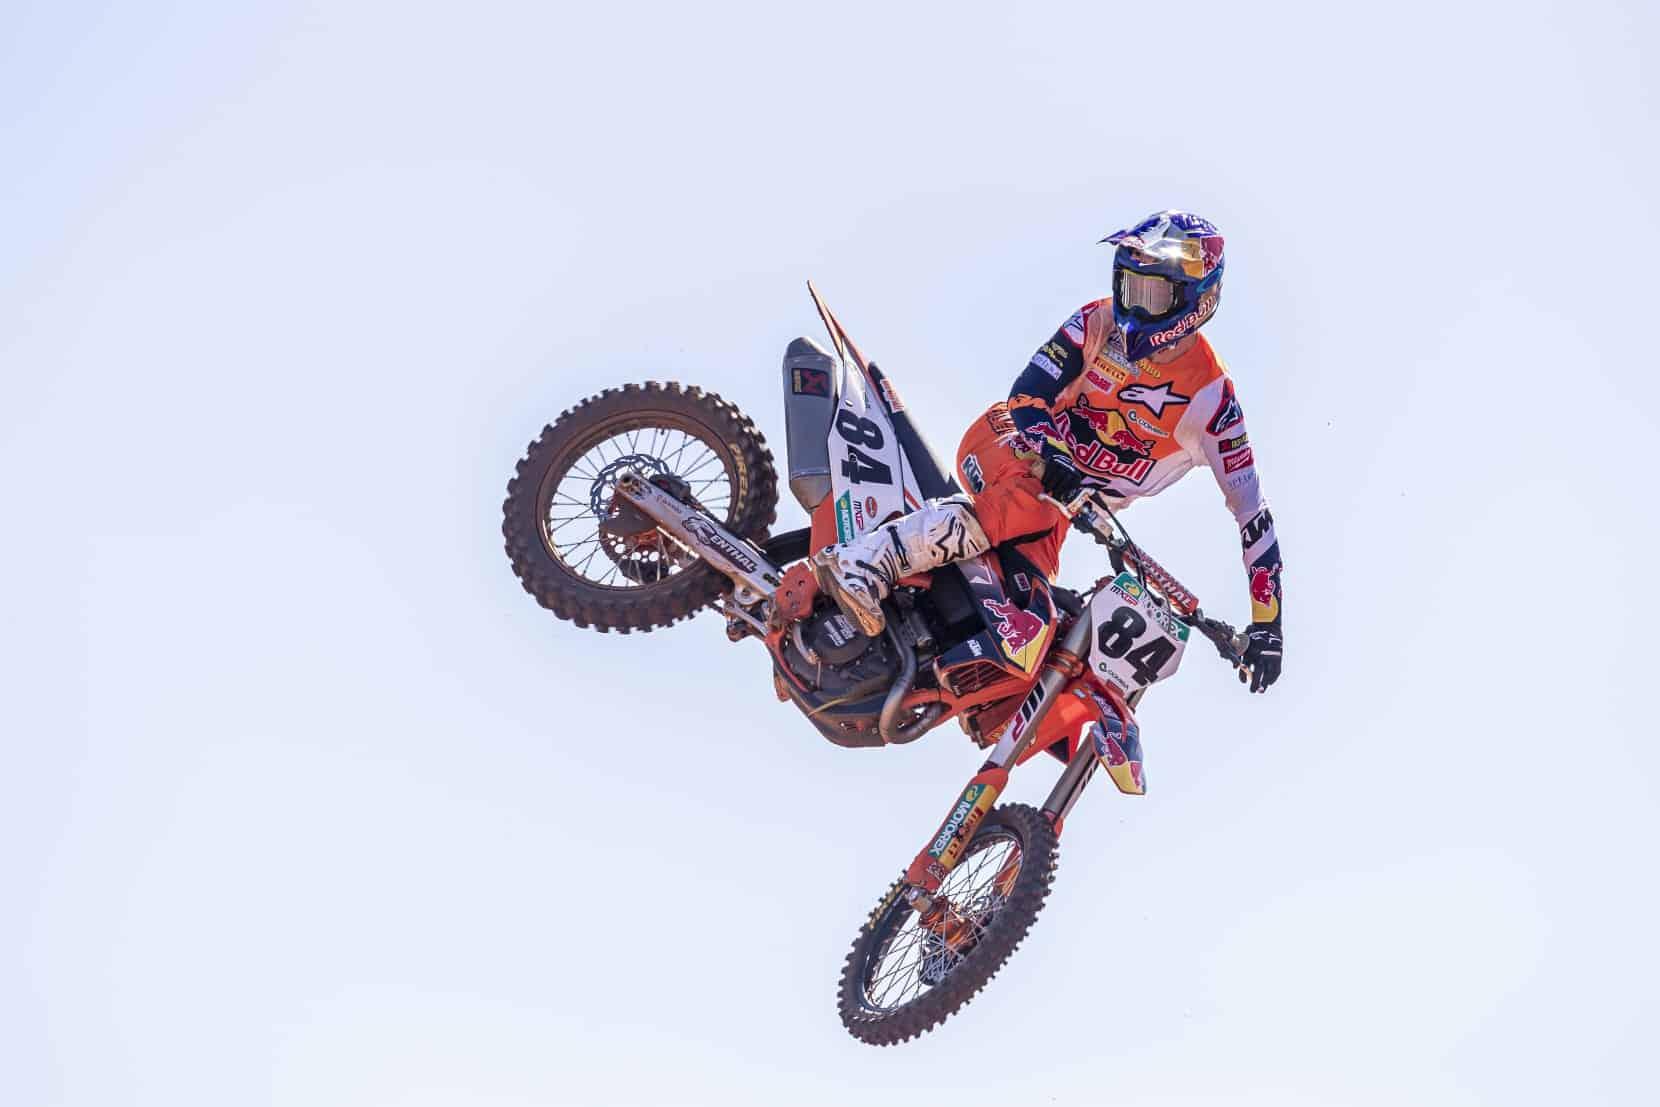 Arnhem – Ergebnisse Klasse MX1 Wertungslauf 2